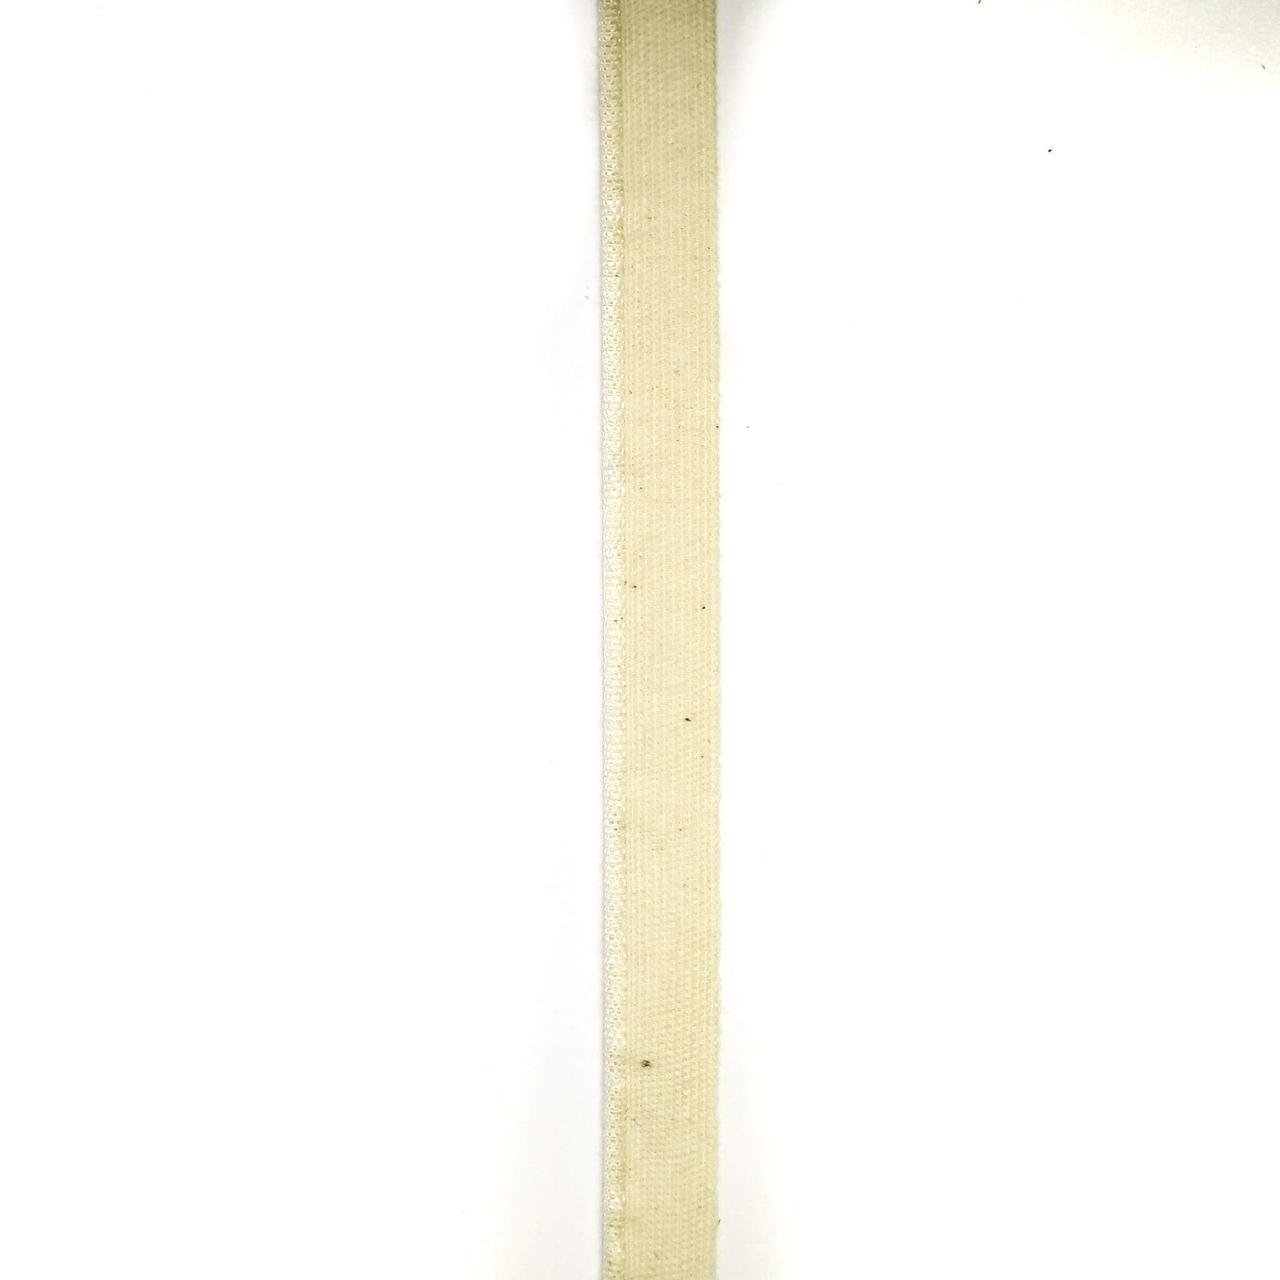 Лента каптал бортик хлопок 14 мм (200м/рулон)